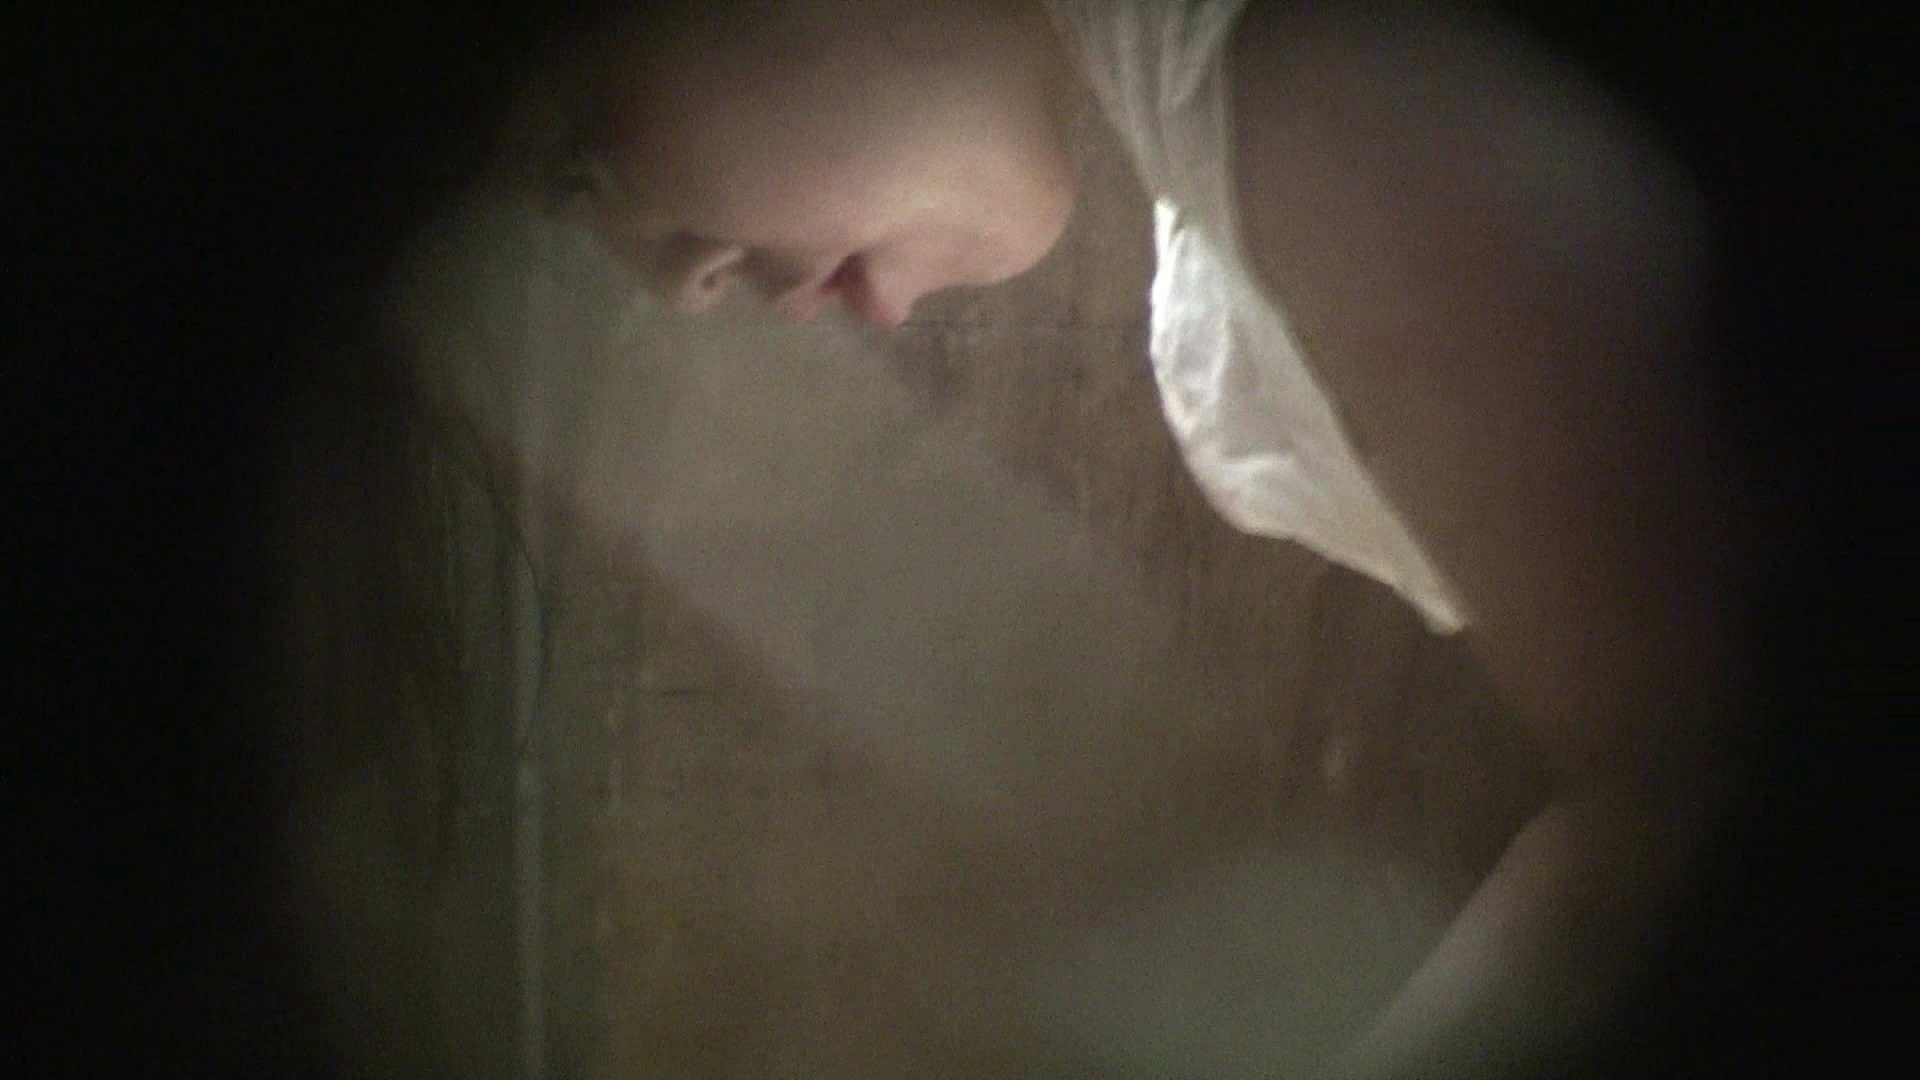 NO.07 短いのでサービス 臨場感をお楽しみください!! シャワー室 | 細身女性  78画像 21